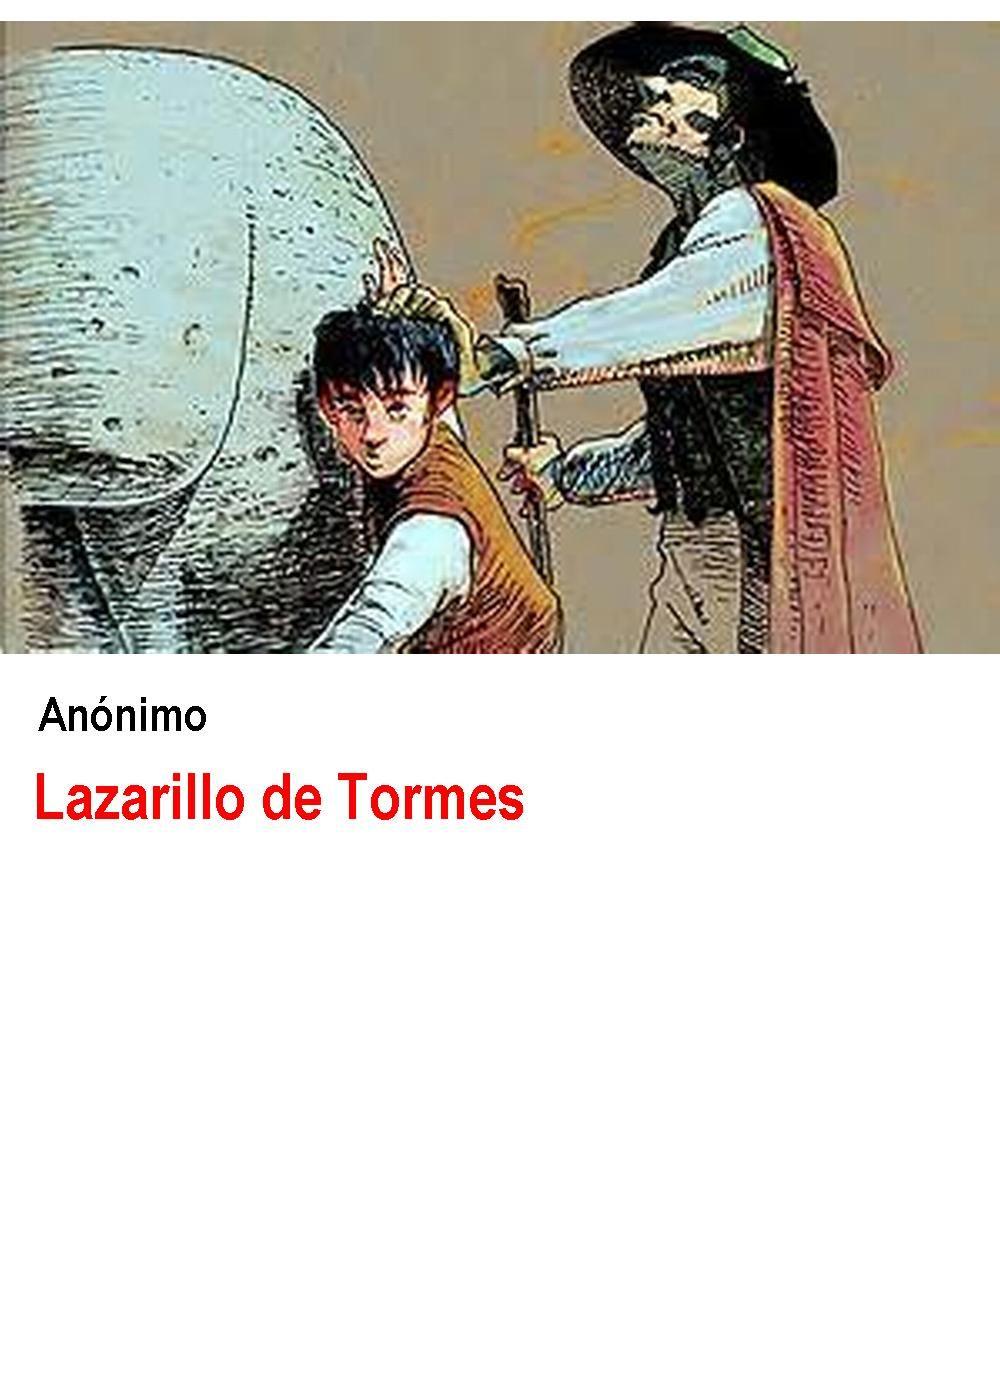 El lazarillo de Tormes ebooks by Anónimo Lazarillo de